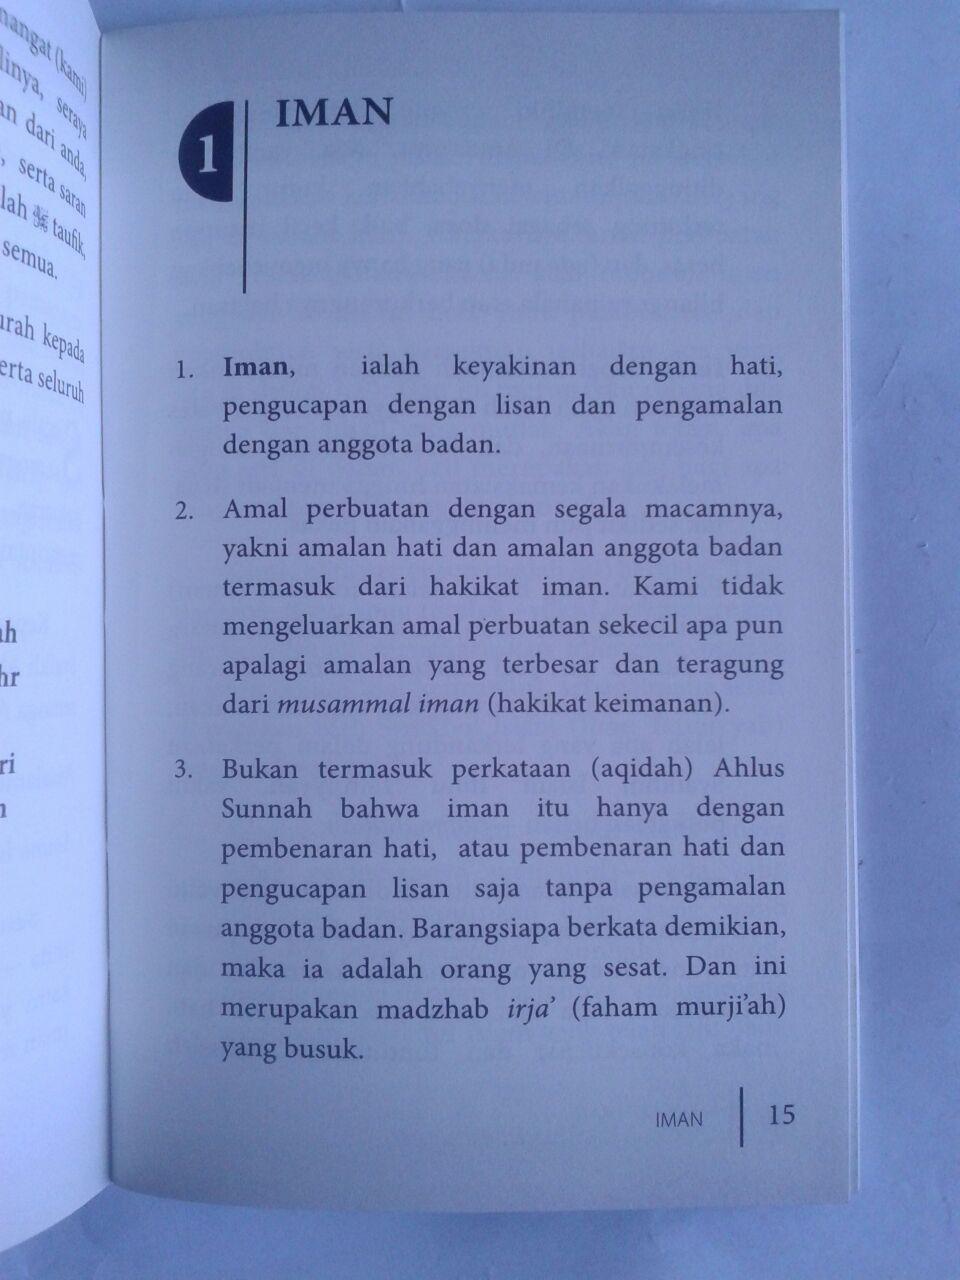 Buku Saku Konsep Iman Menurut Ahlus Sunnah Wal Jama'ah isi 2